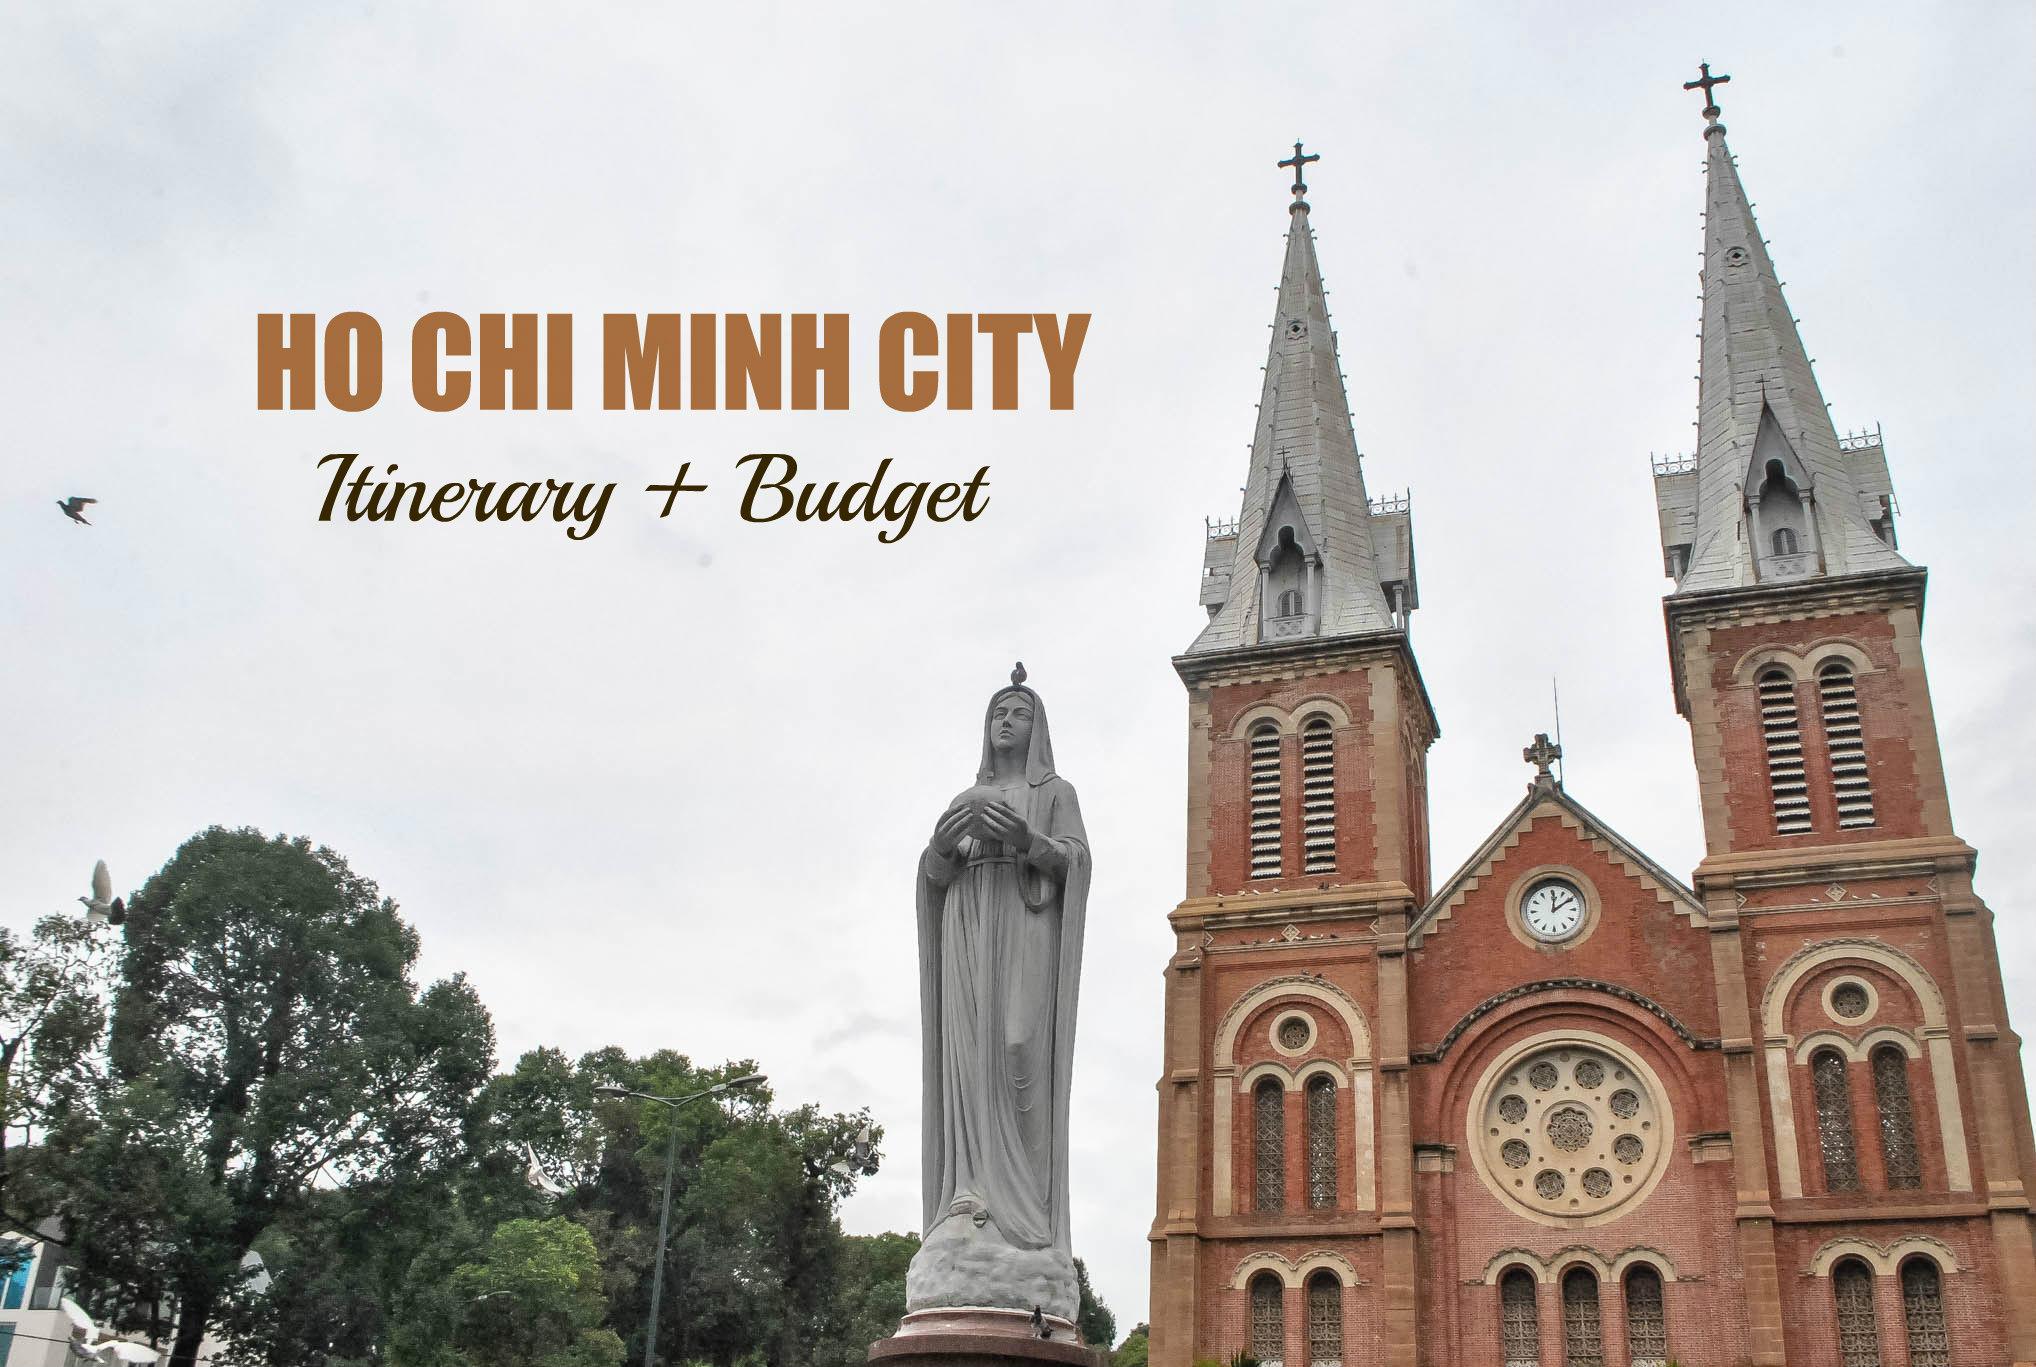 Vietnam: HO CHI MINH CITY ITINERARY 2017